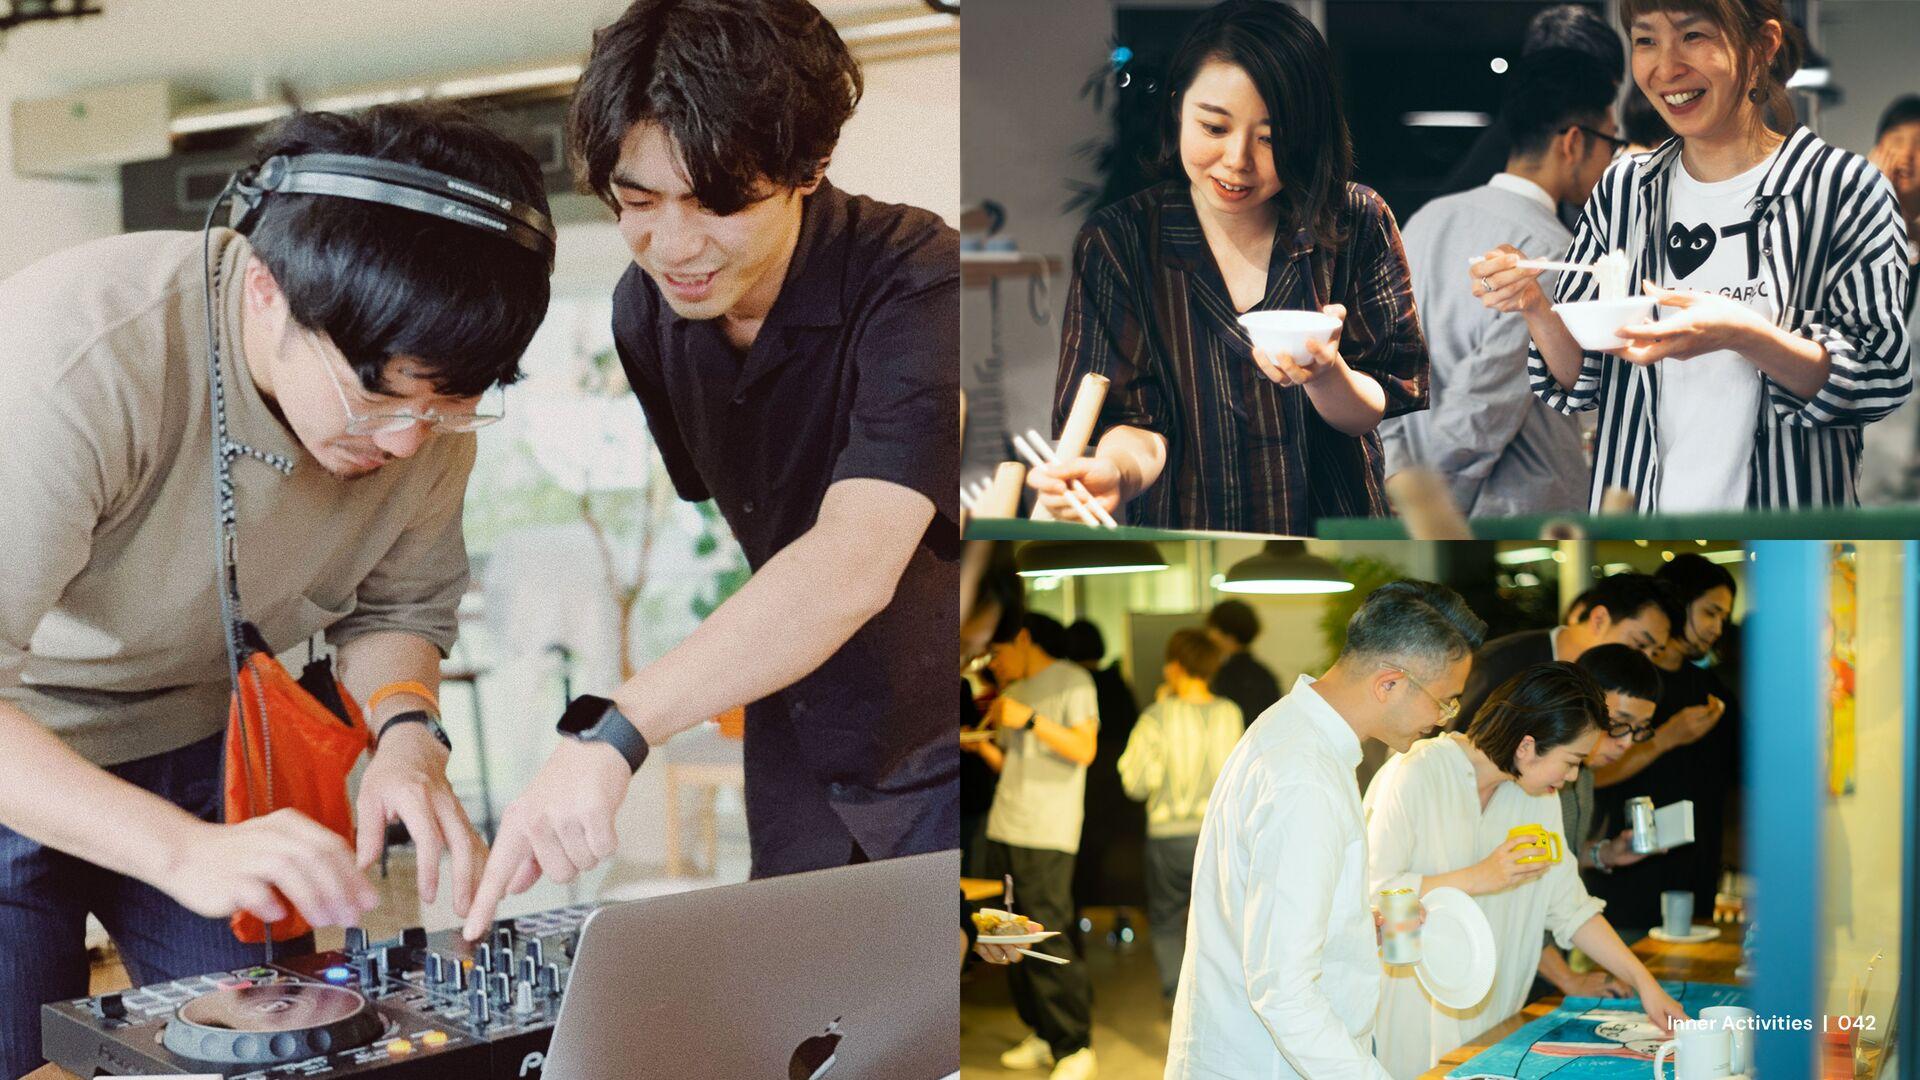 Inner Activities ࣾߦɾརްੜɾ֤छ੍ ຖ݄։࠵͞Ε͍ͯΔνʔϜձͳͲ...